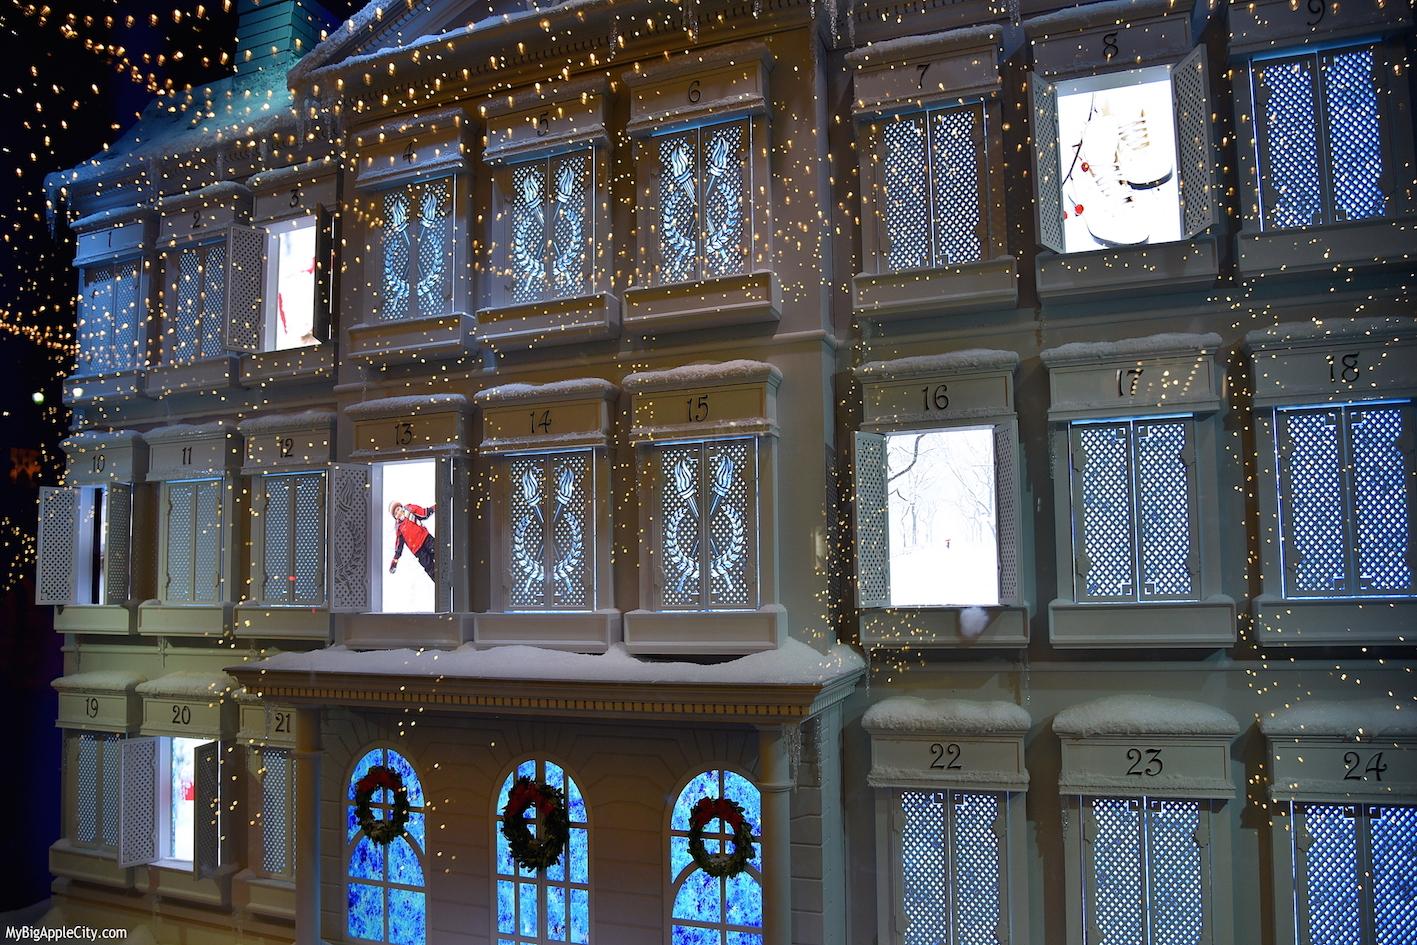 NYC-vitrines-noel-new-york-manhattan-blogvoyage-mybigapplecity